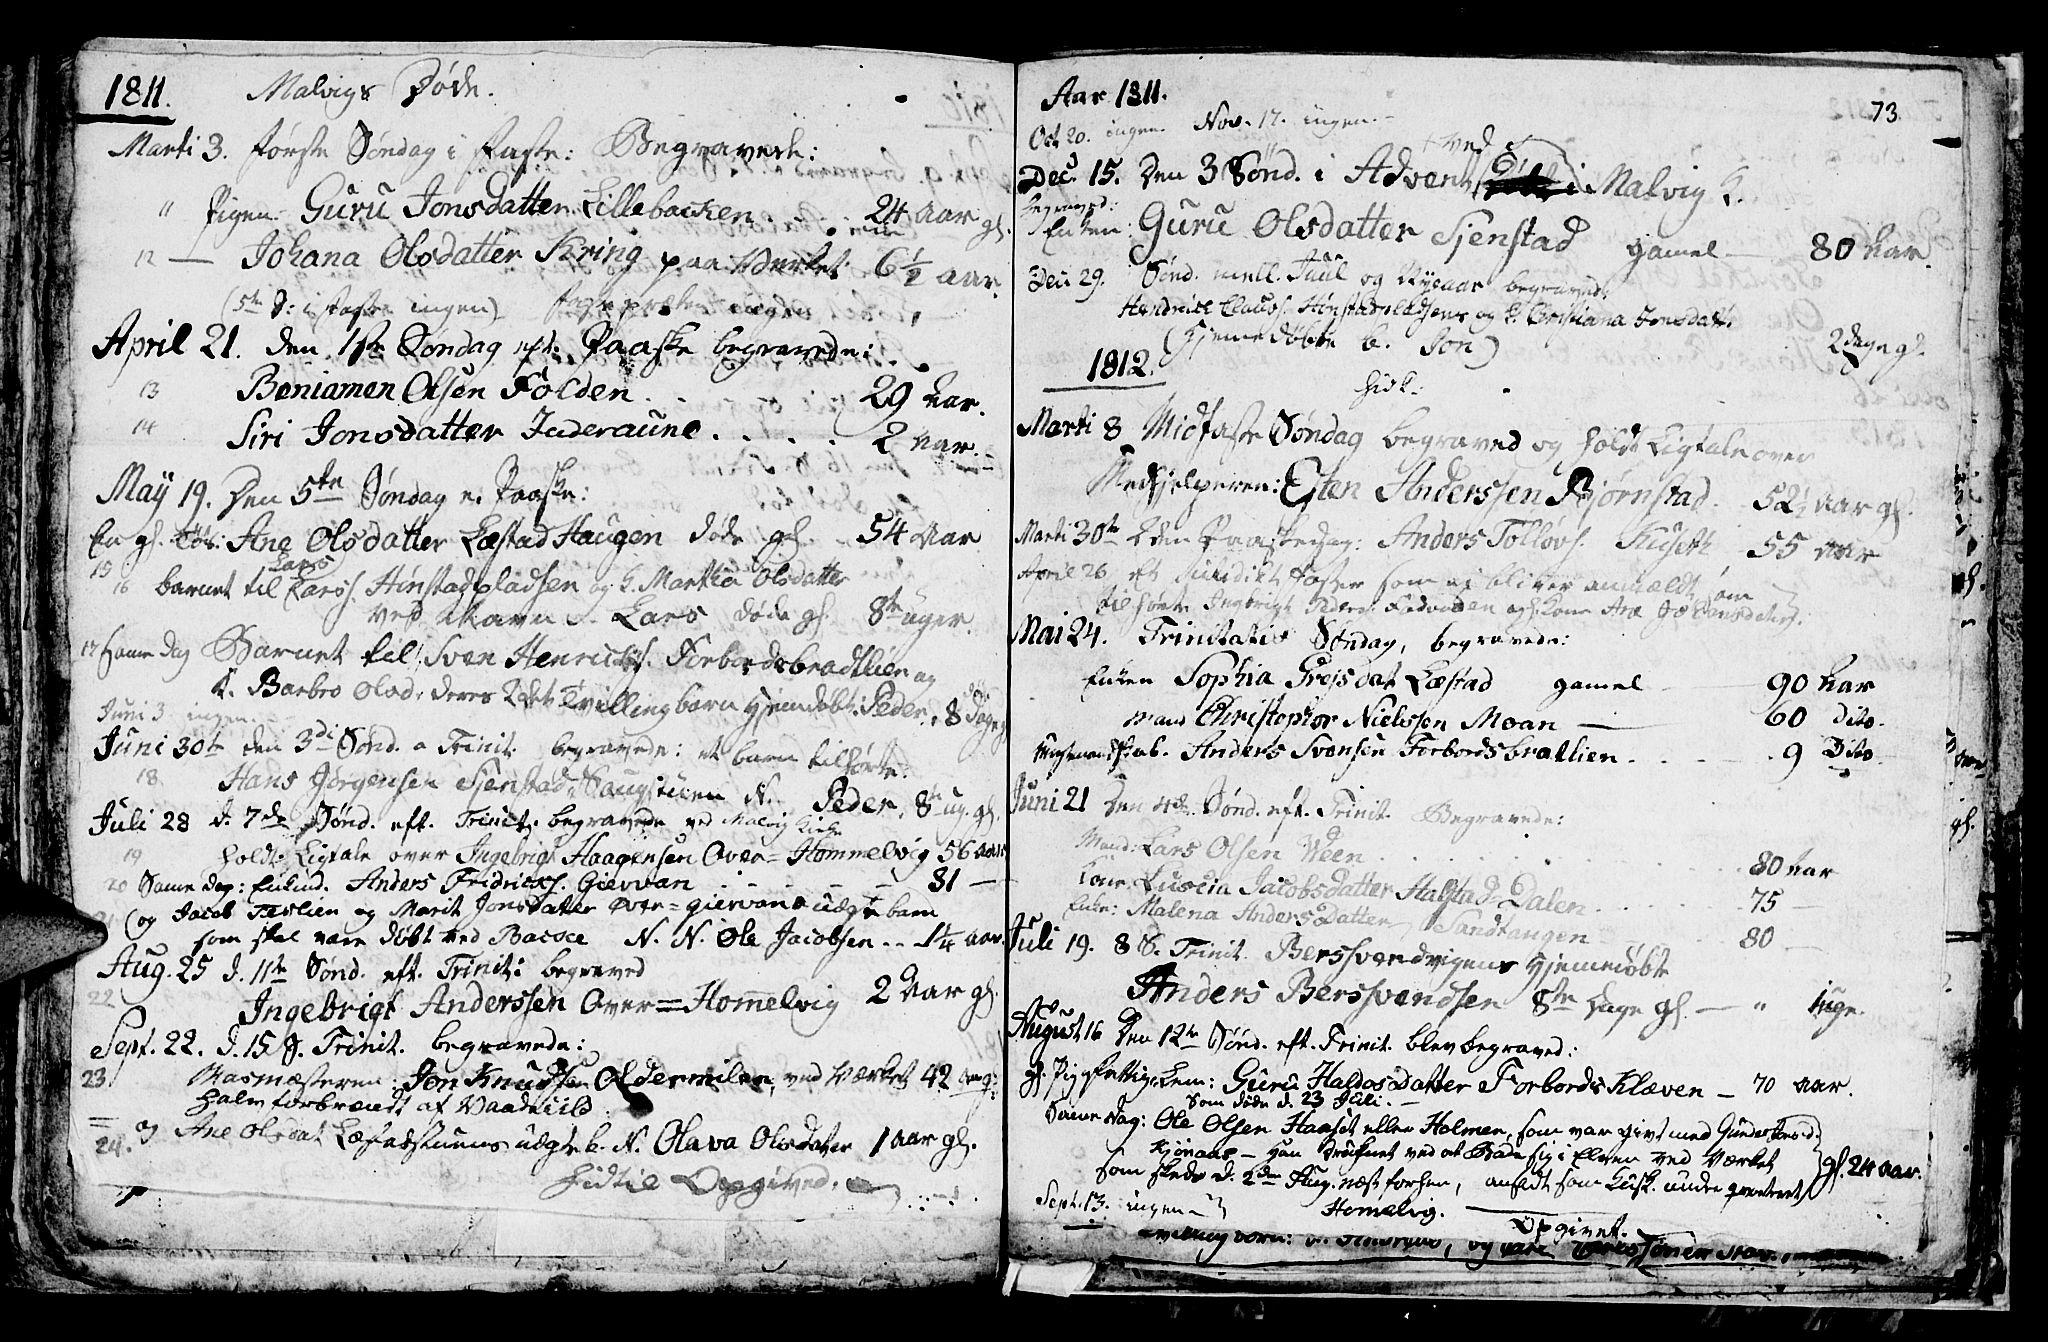 SAT, Ministerialprotokoller, klokkerbøker og fødselsregistre - Sør-Trøndelag, 616/L0419: Klokkerbok nr. 616C02, 1797-1816, s. 73